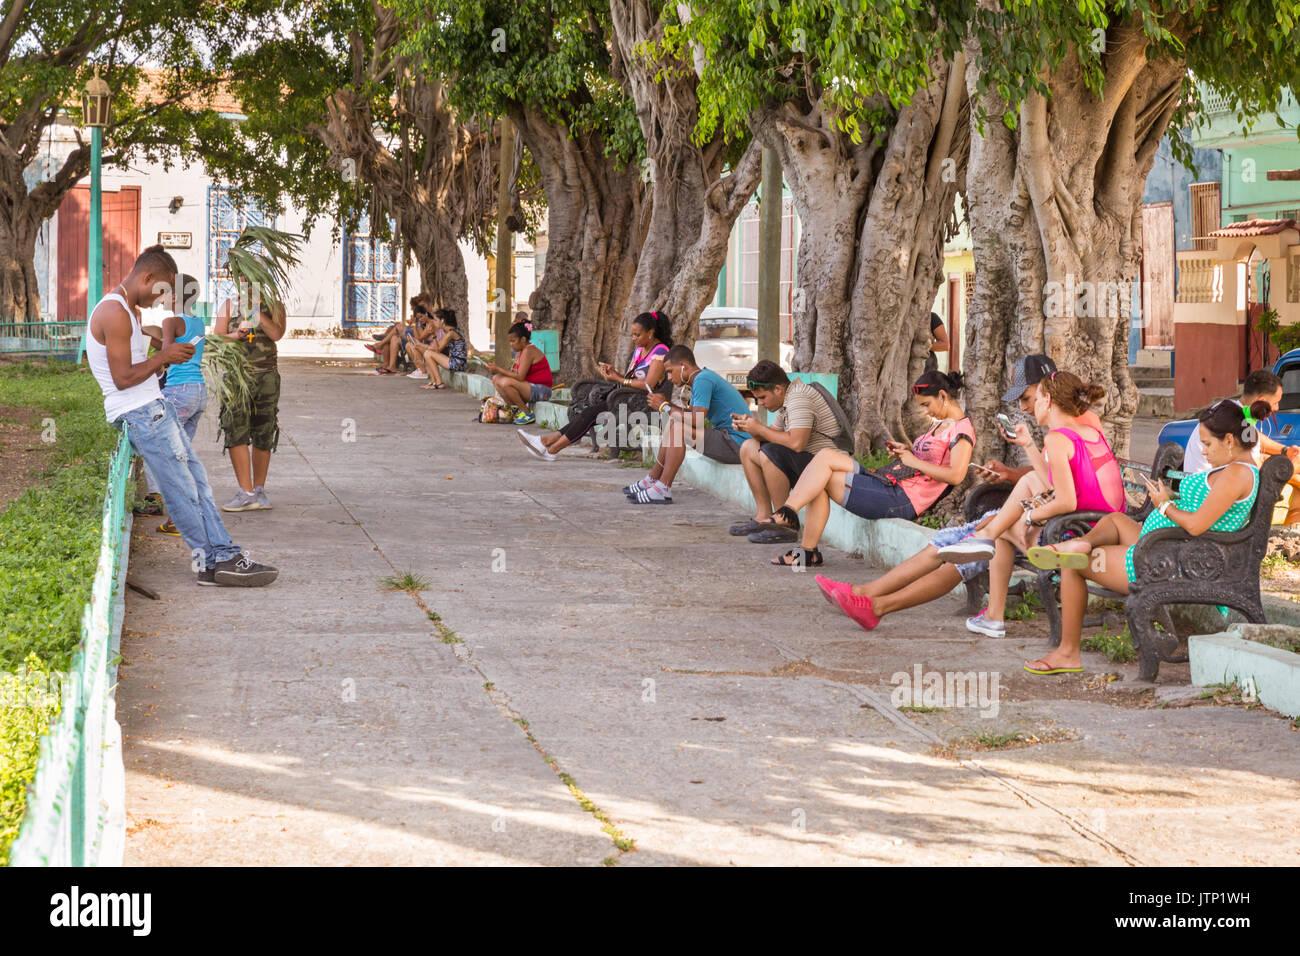 Kubaner mit Mobiltelefonen versuchen Empfang in wiifi Hotspot in der lokalen Park, in Regla, Havanna, Kuba Stockbild